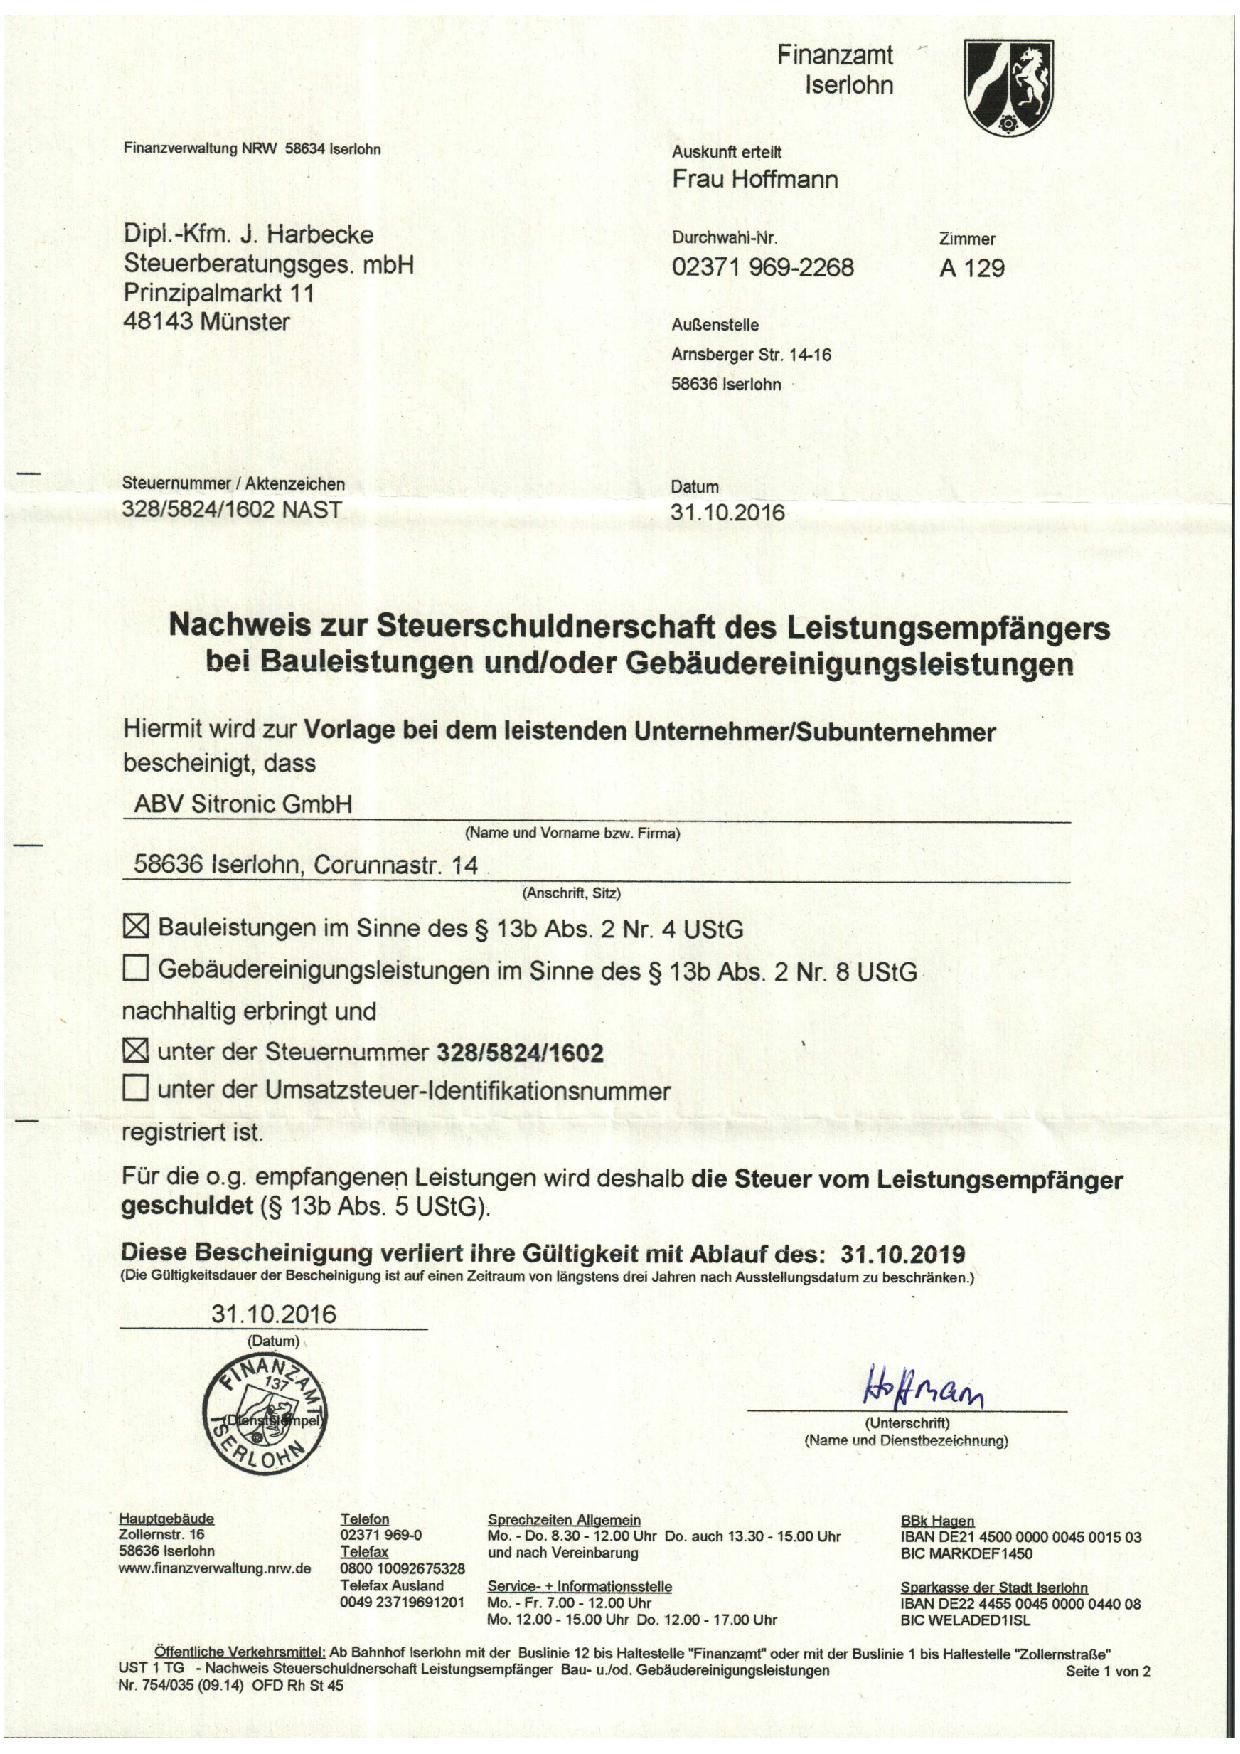 Nachweis zur Steuerschuldnerschaft des Leistungsempfängers bei Bauleistungen (§ 13b UStG) Münster